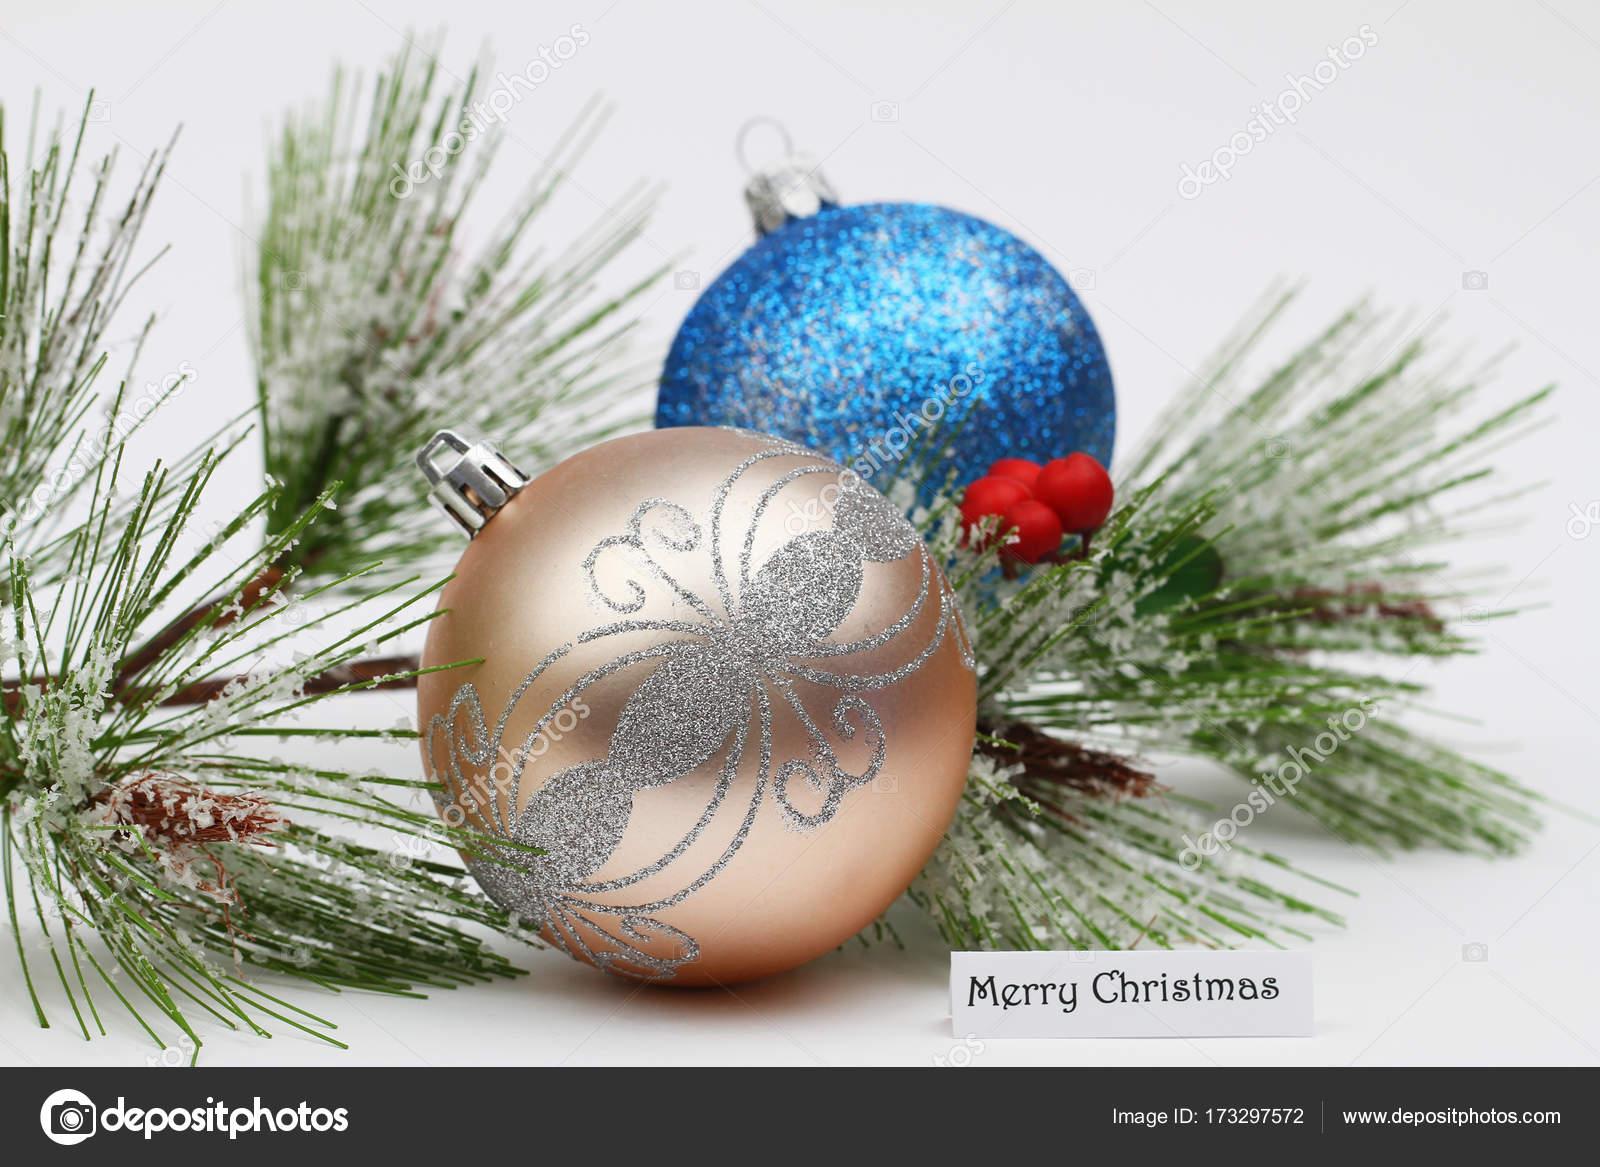 Lustige Weihnachtskugeln.Lustige Weihnachtskarte Mit Bunten Weihnachtskugeln Und Kiefer Mit